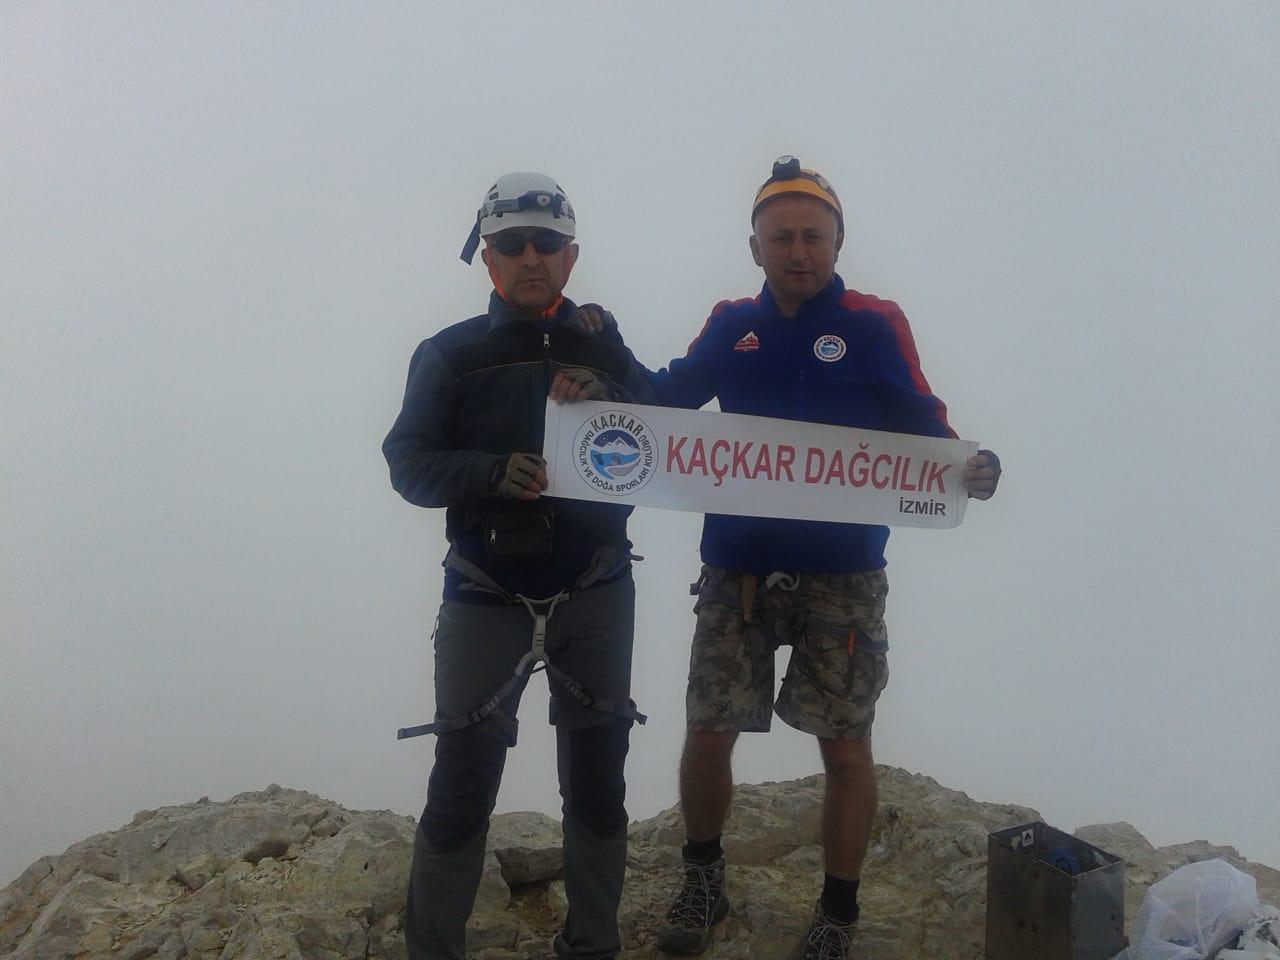 Kaçkar Dağcılık İzmir Demirkazık Dağı ve Emler Dağı zirve tırmanışlarını gerçekleştirdi.